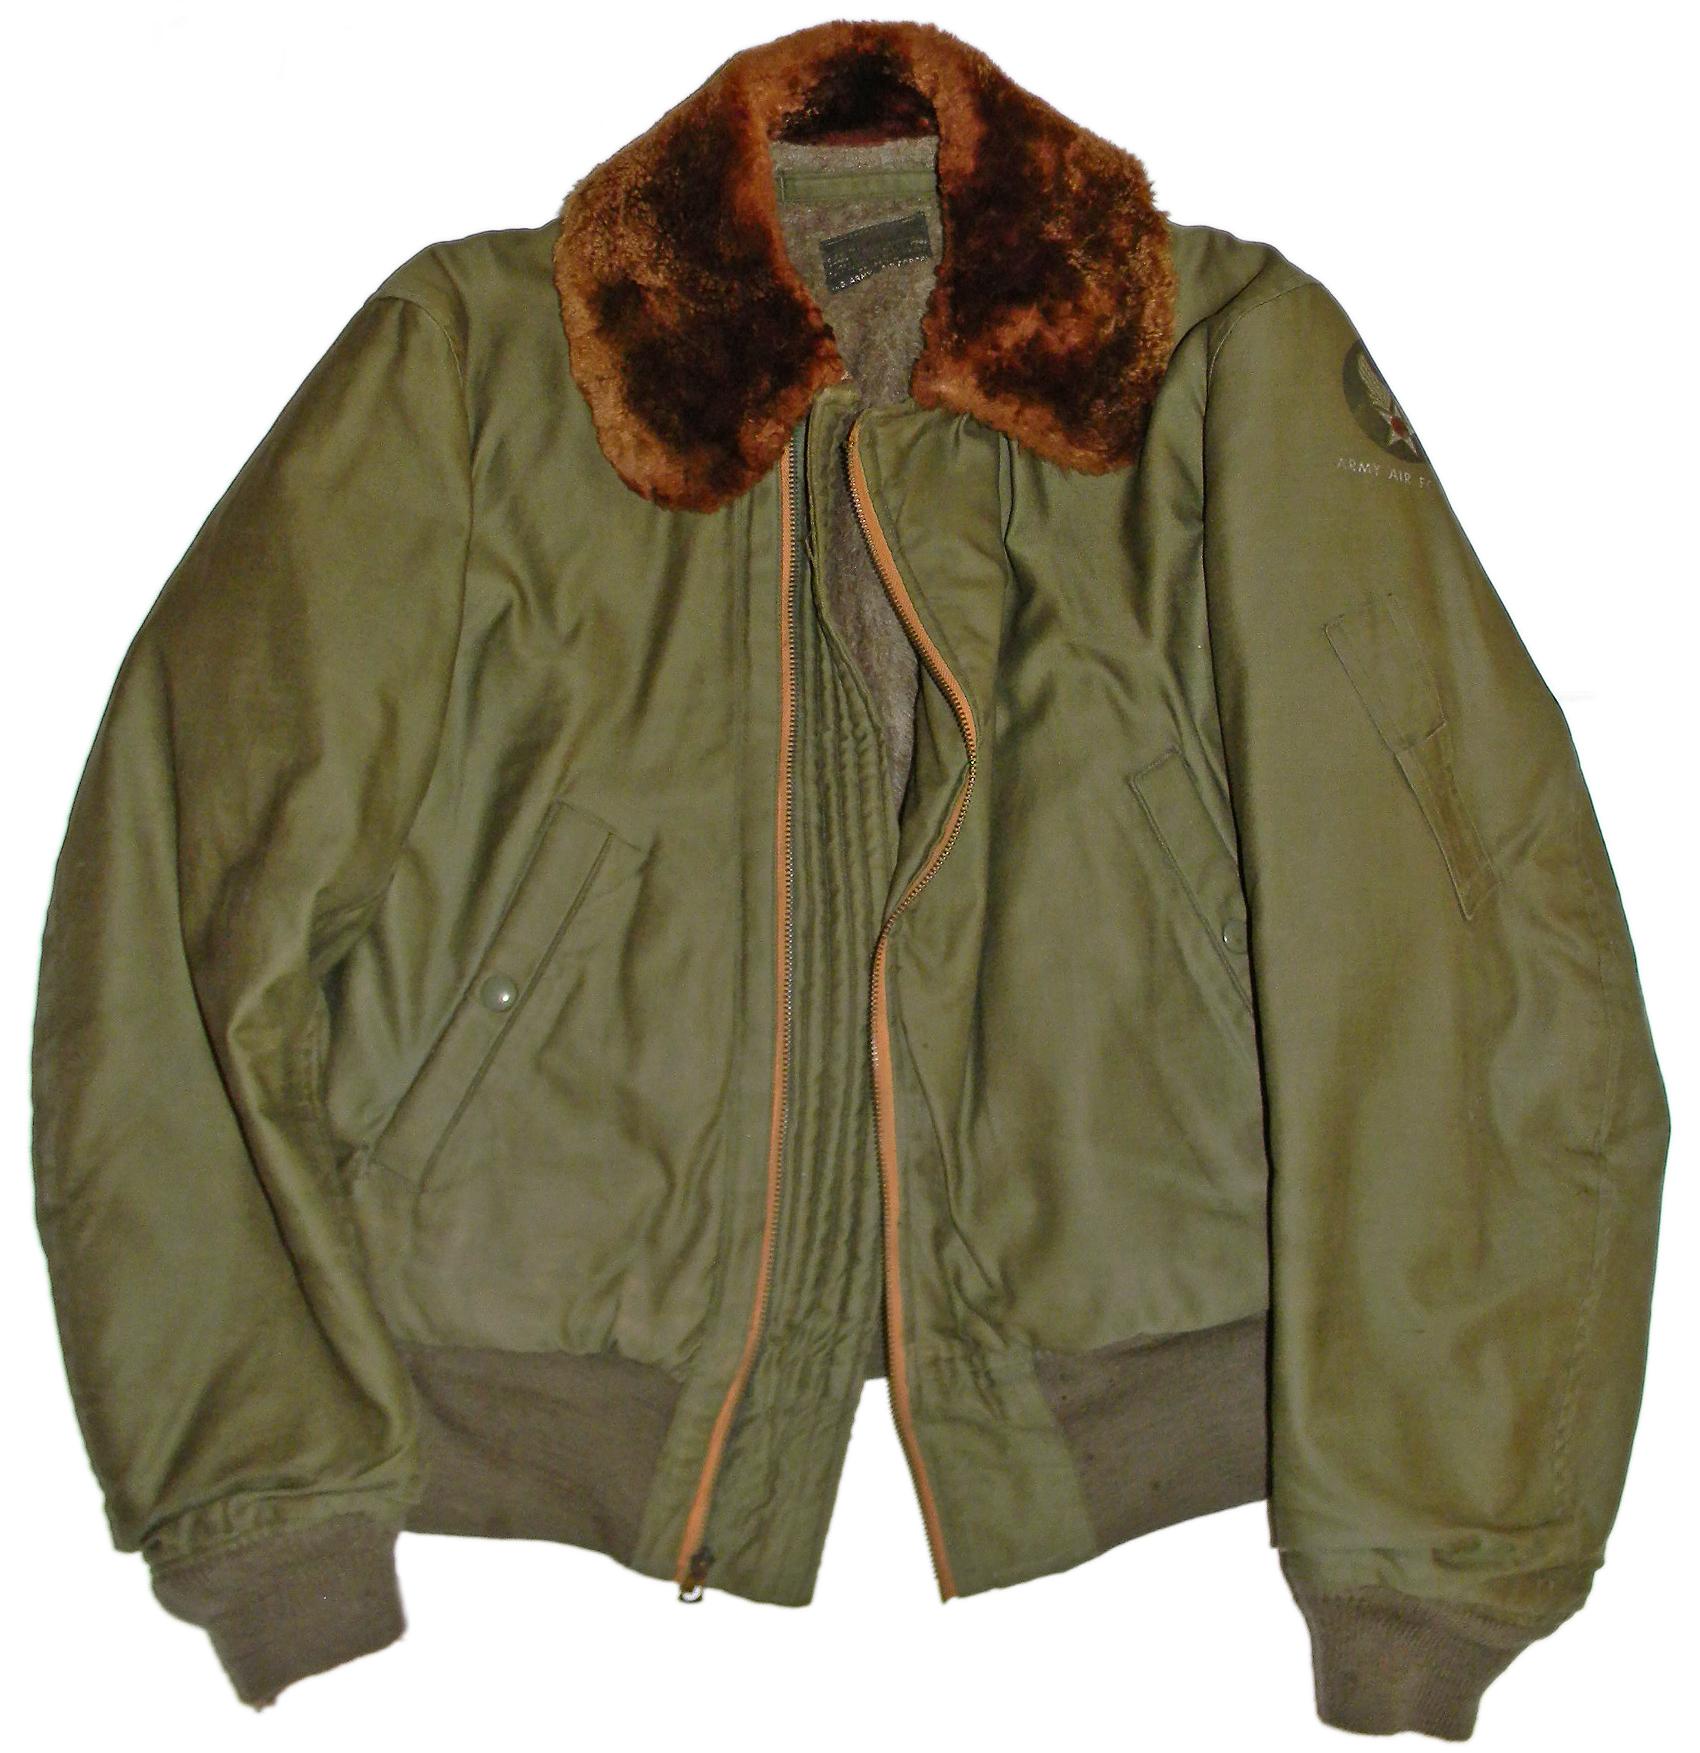 AAF B-15 jacket